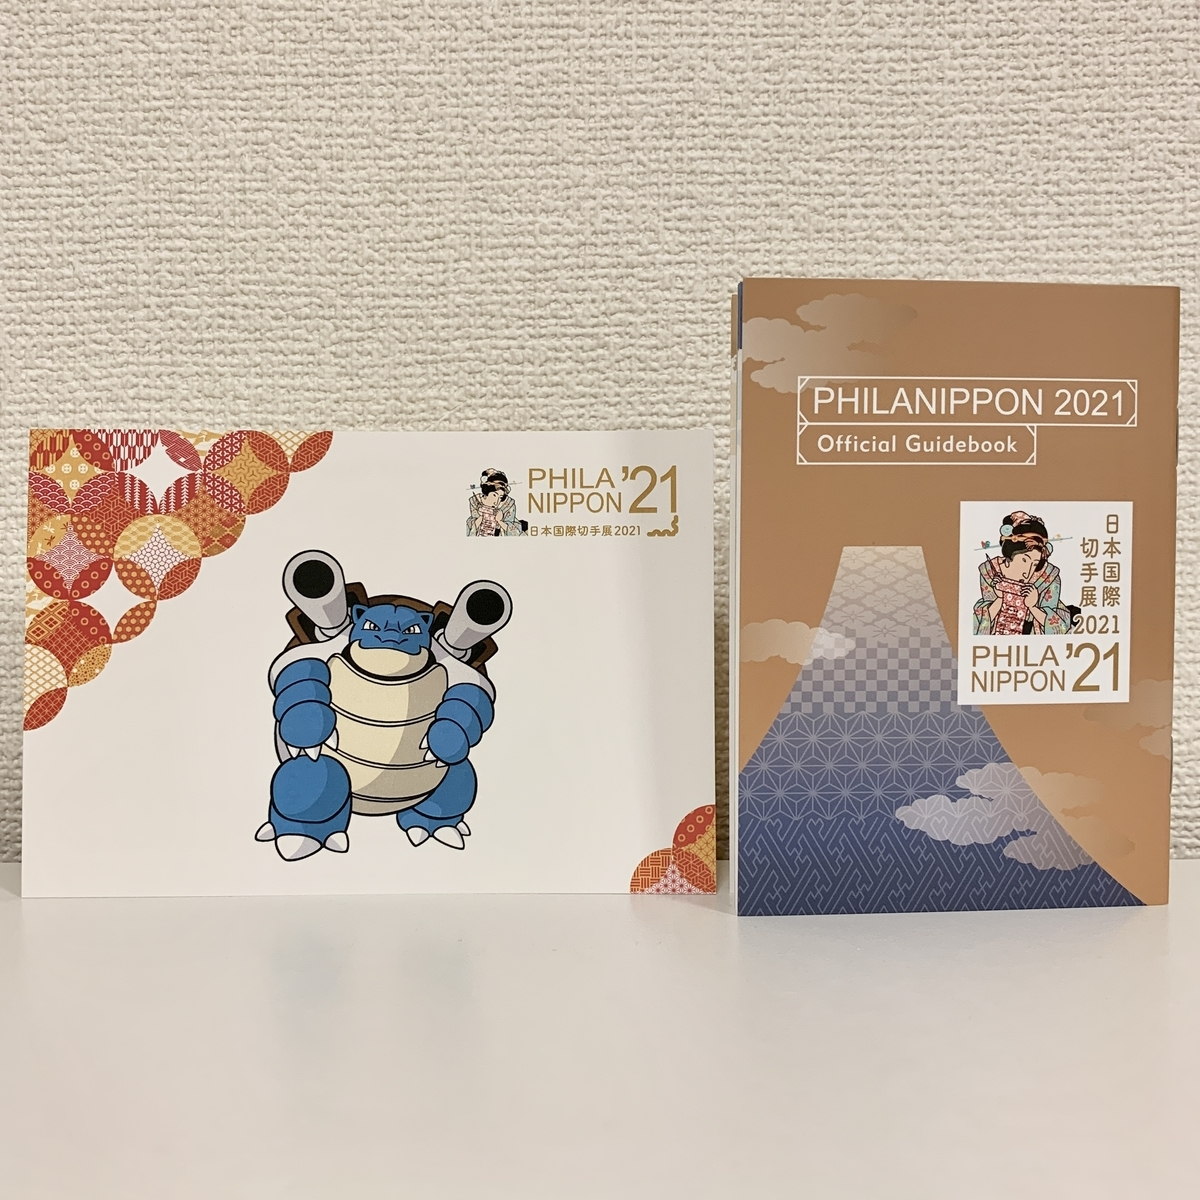 f:id:pikachu_pcn:20210828170630j:plain